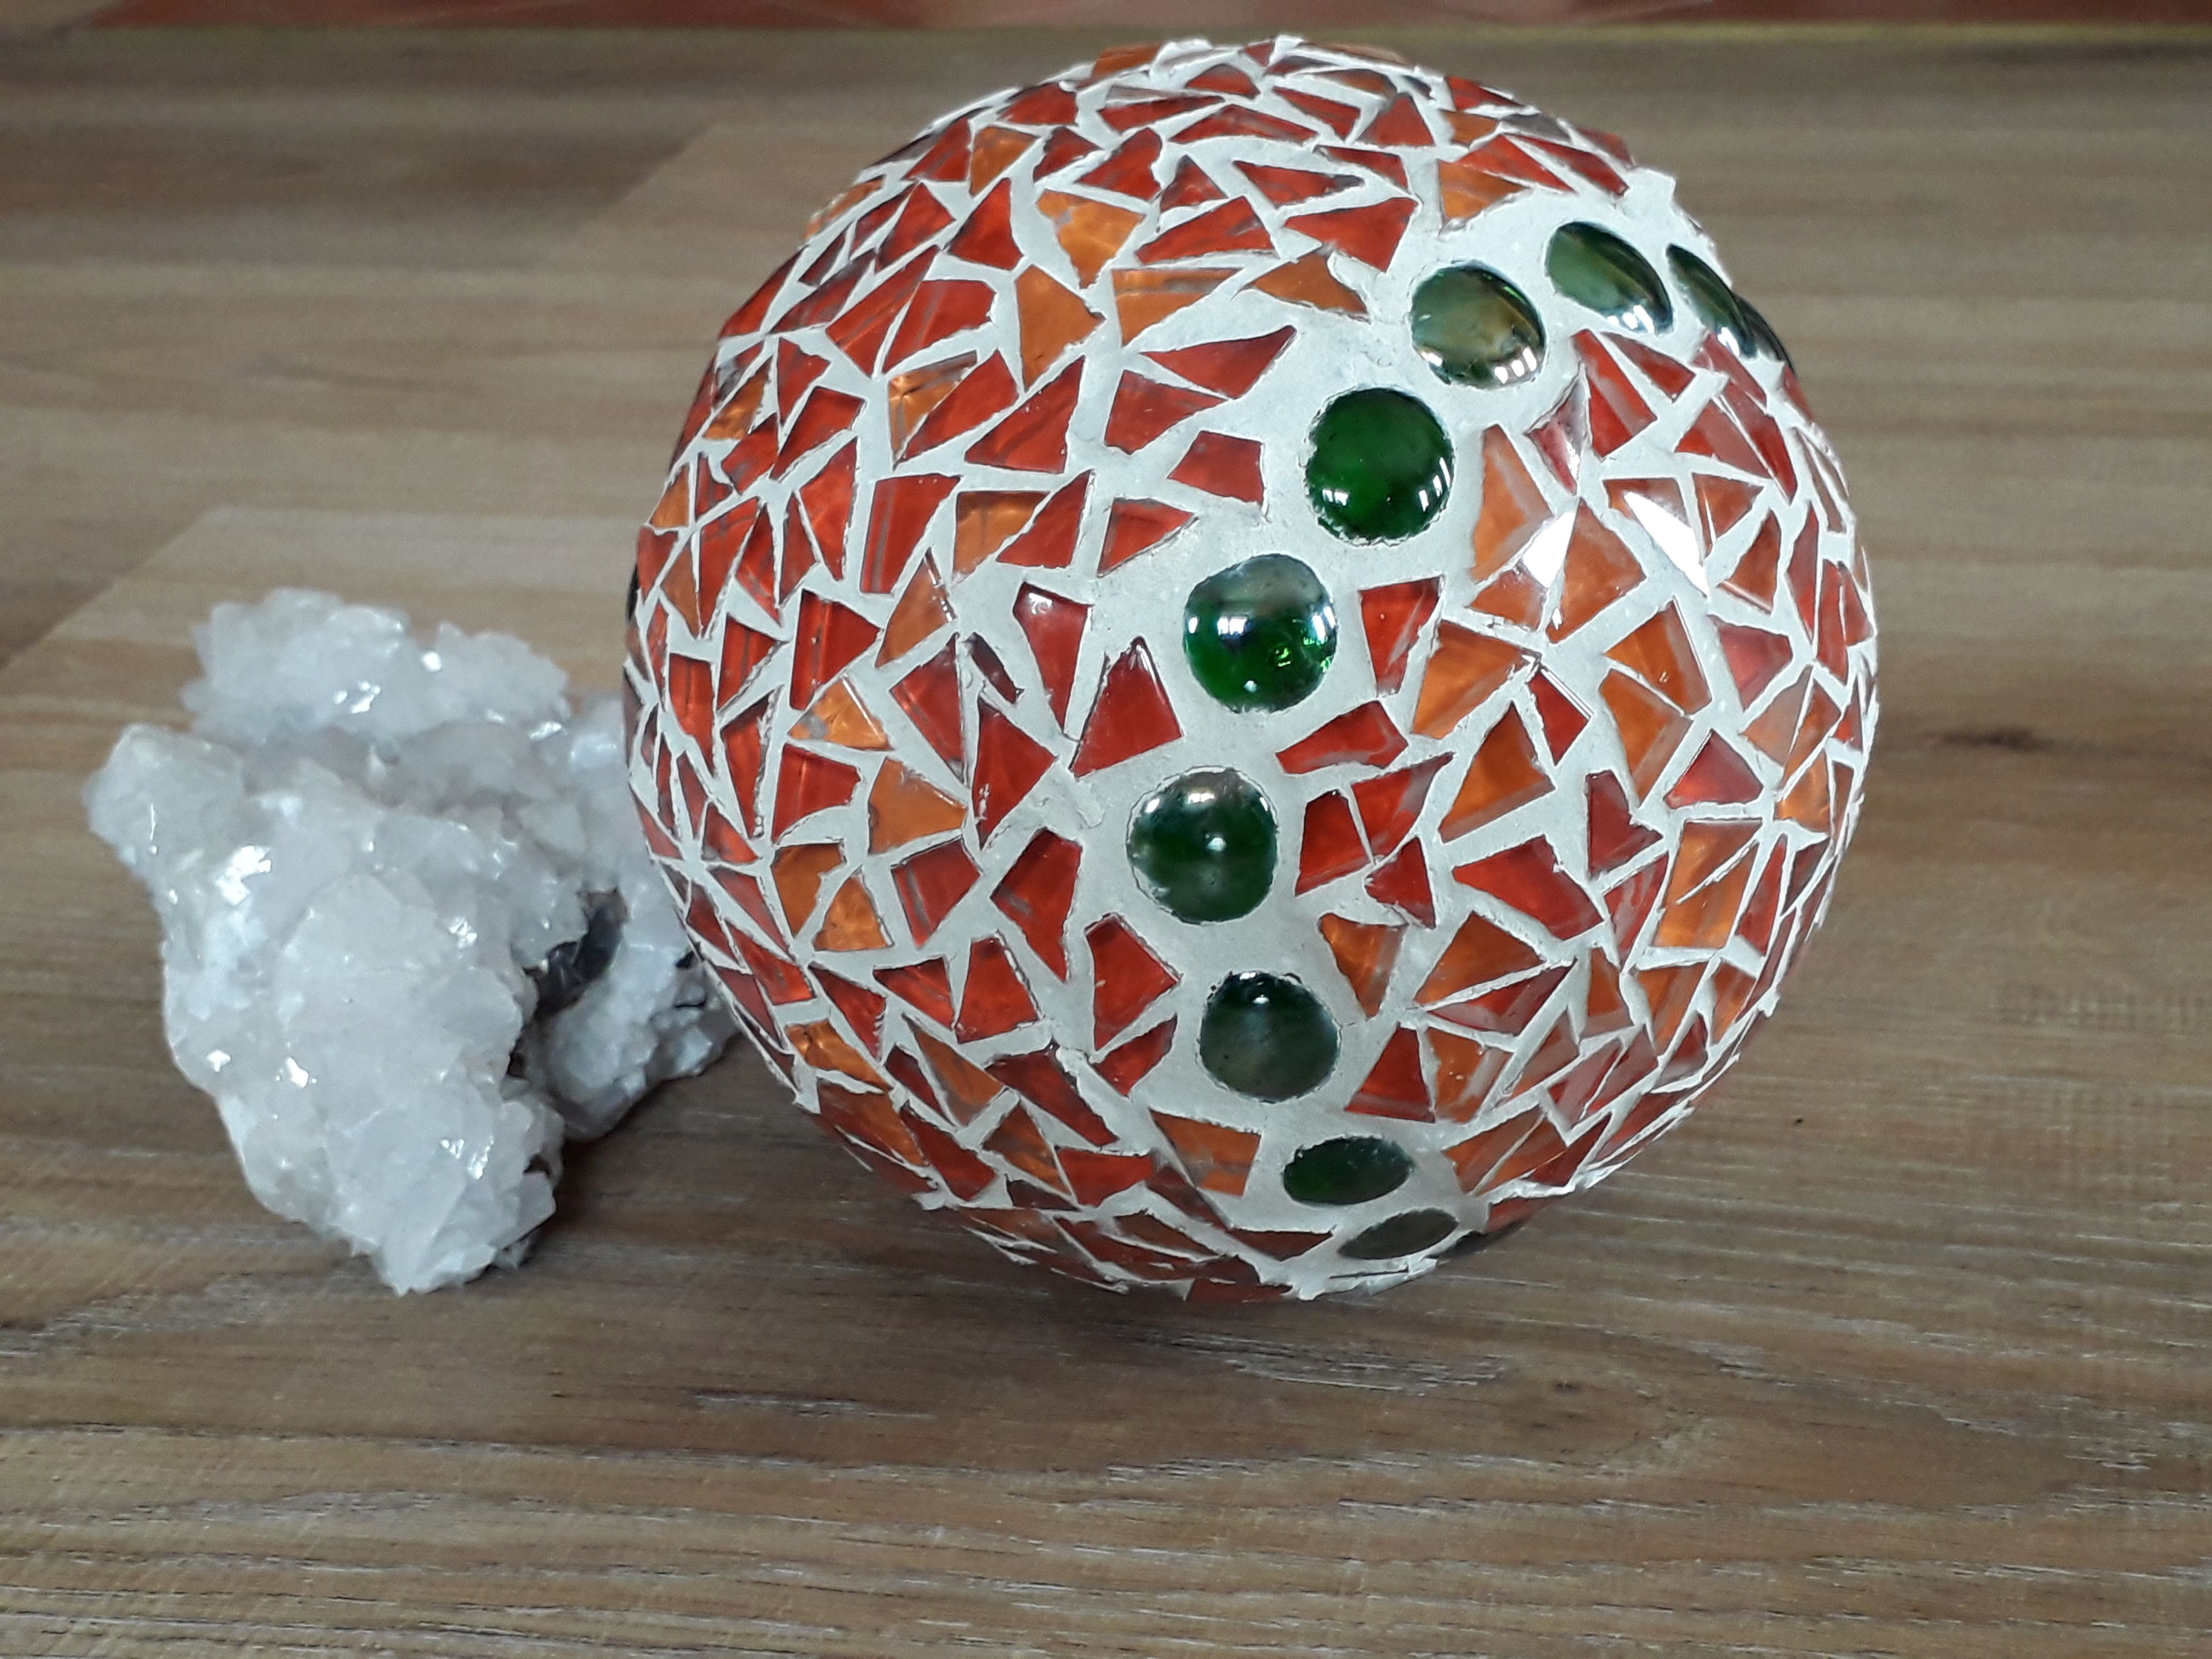 Mosaic Glass Ball Mosaic Garden Decor Decorative Ball Mosaic Gazing Ball Garden Ball Garden Art Upcycled Garden Art Mosaic Garden Mosaic Glass Garden Balls